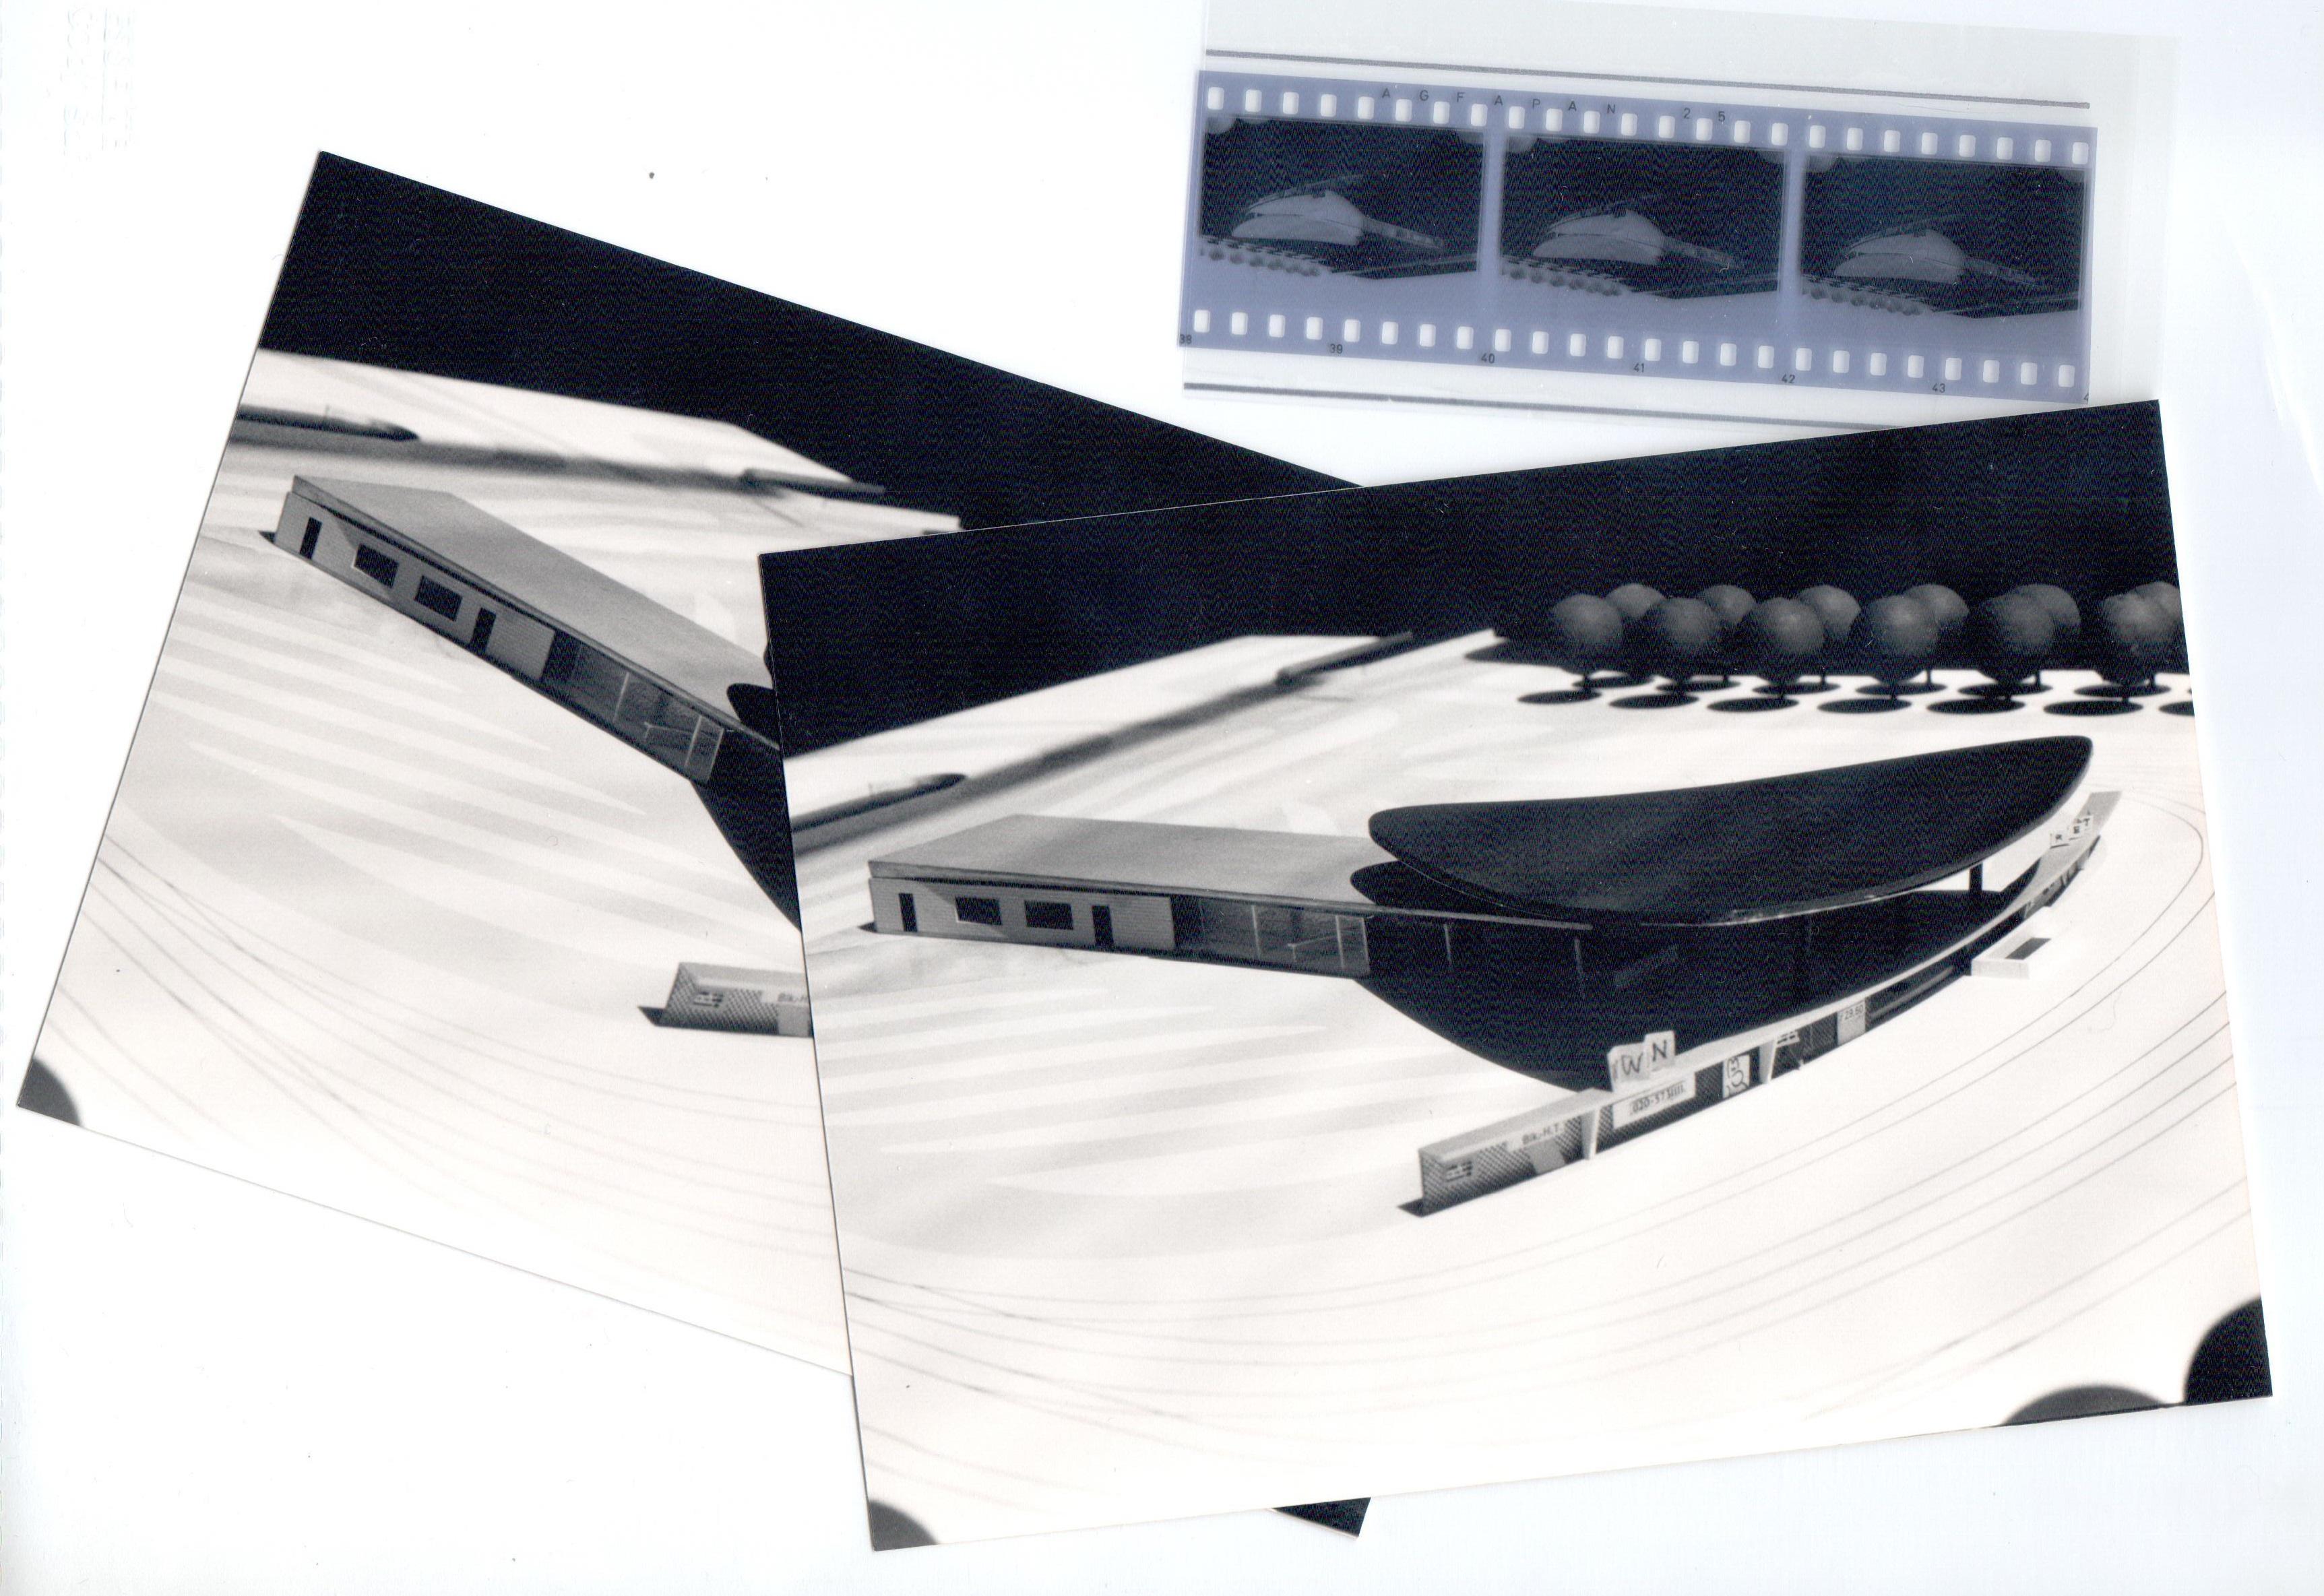 De internationale kunstcampus deSingel speelde vanaf de jaren 1980 een belangrijke rol in de uitbouw van een architectuurcultuur in Vlaanderen, door de organisatie van tentoonstellingen met buiten- en binnenlandse architecten. Het Centrum Vlaamse Architectuurarchieven (tegenwoordig het Kenniscentrum van het Vlaams Architectuurinstituut), gehuisvest in deSingel, zette met deSingel een samenwerking op touw voor de ontsluiting van dit materiaal.